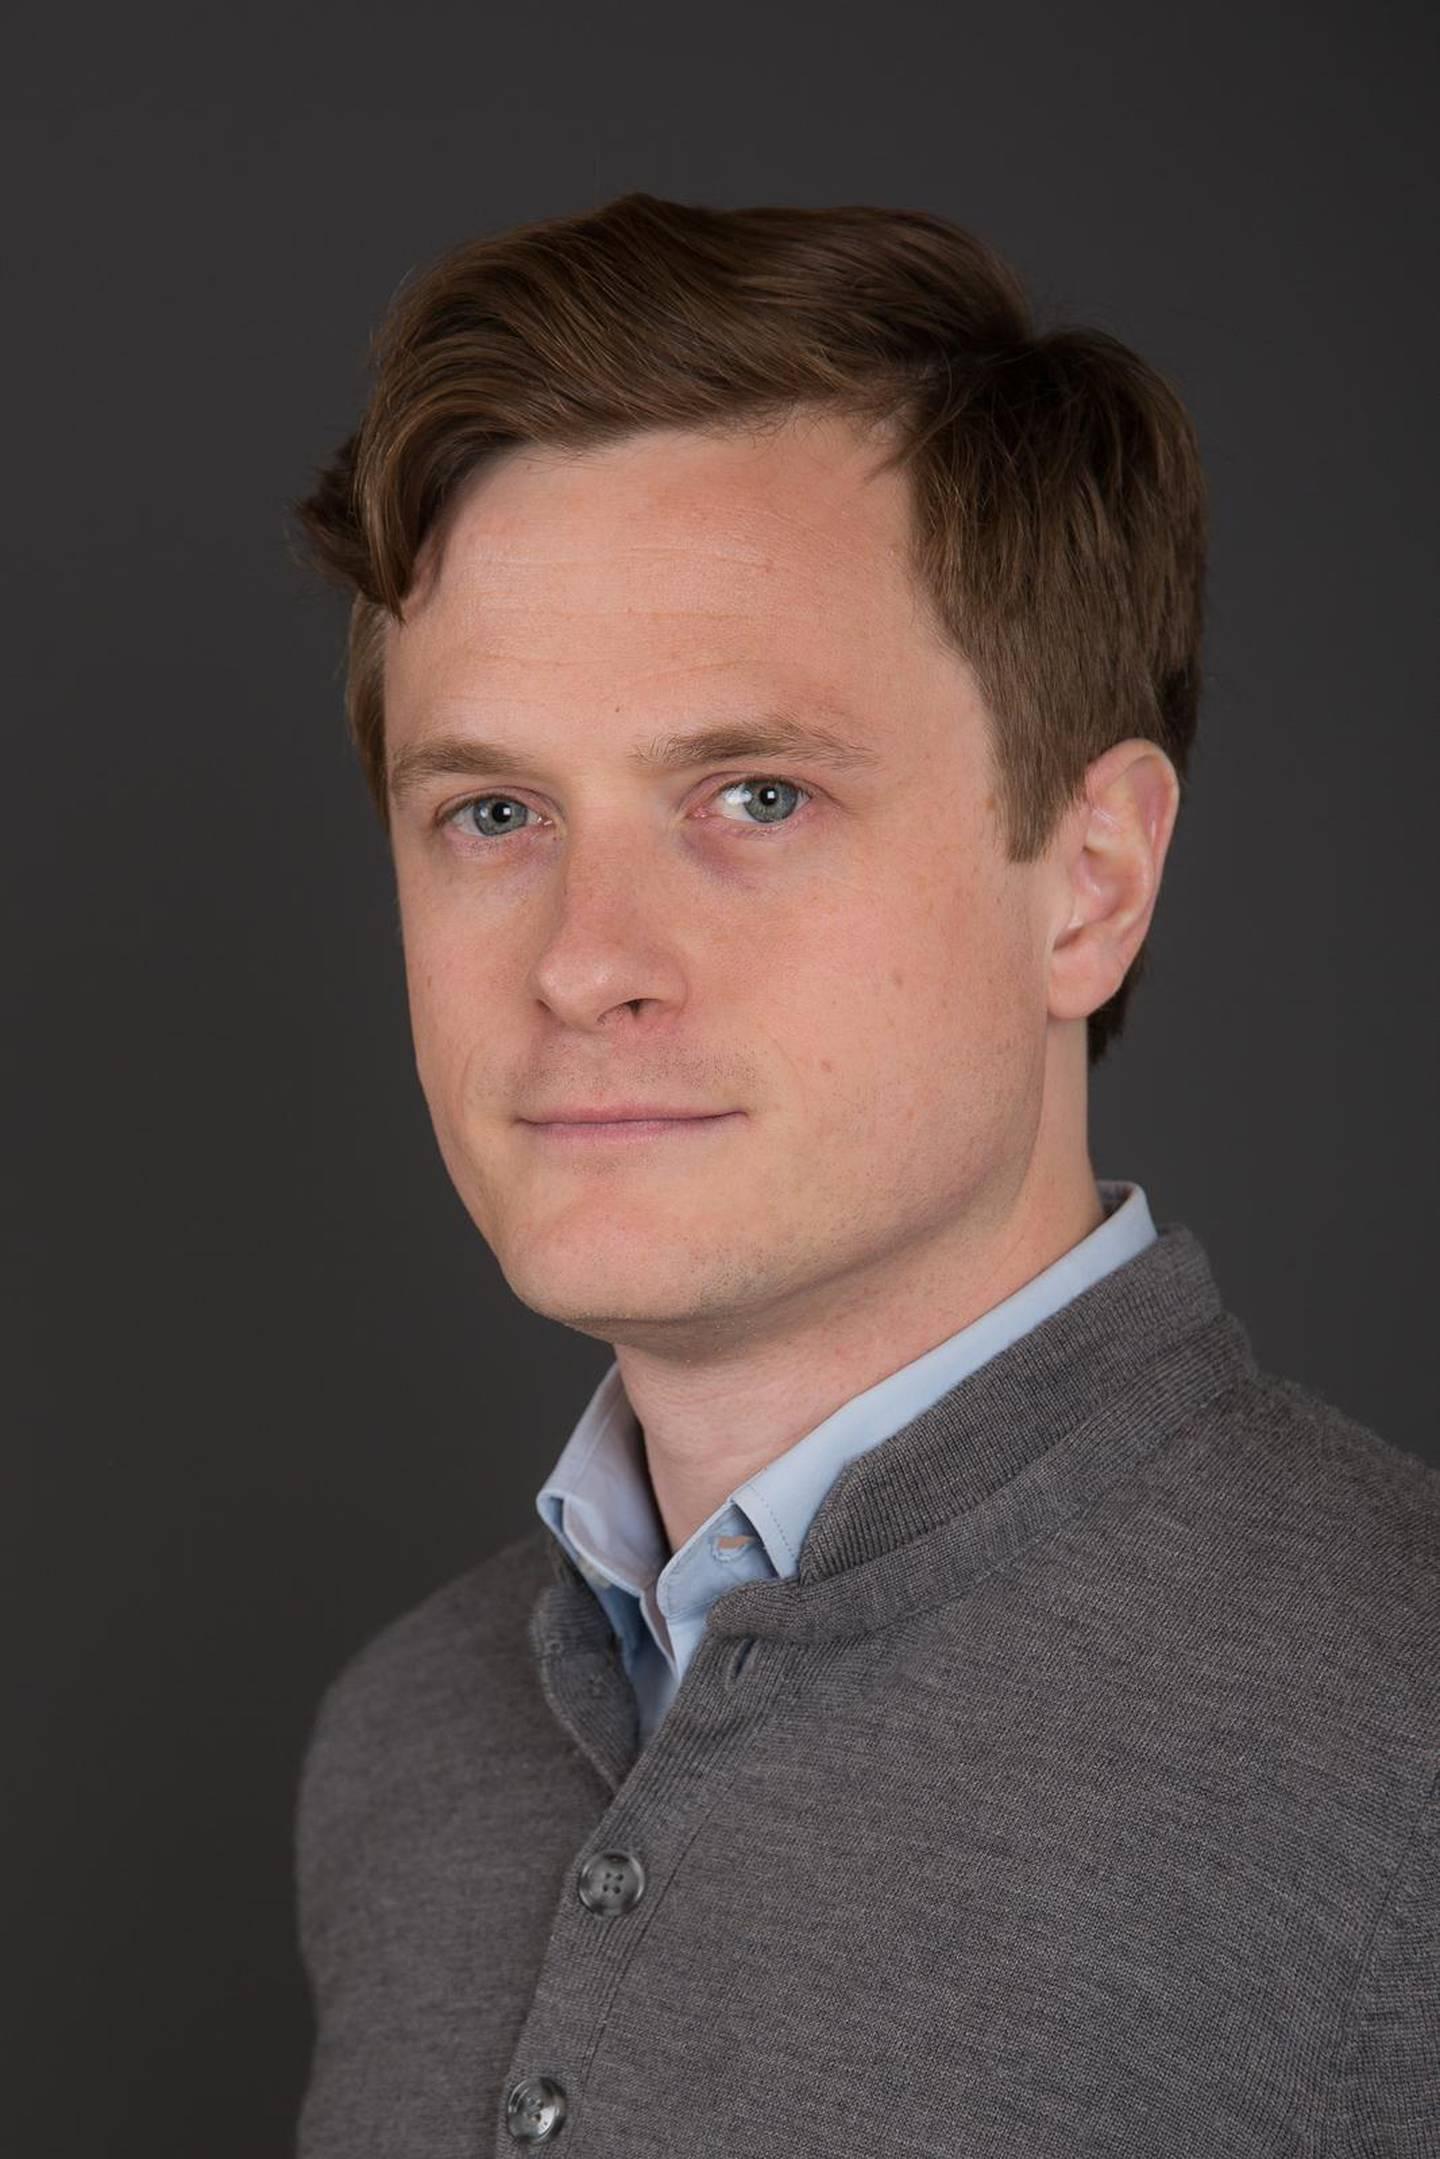 Audun Fladmoe har skrevet rapporten Holdninger til innvandring, integrering og mangfold i Norge, sammen med Jan-Paul Brekke og Dag Wollebæk.